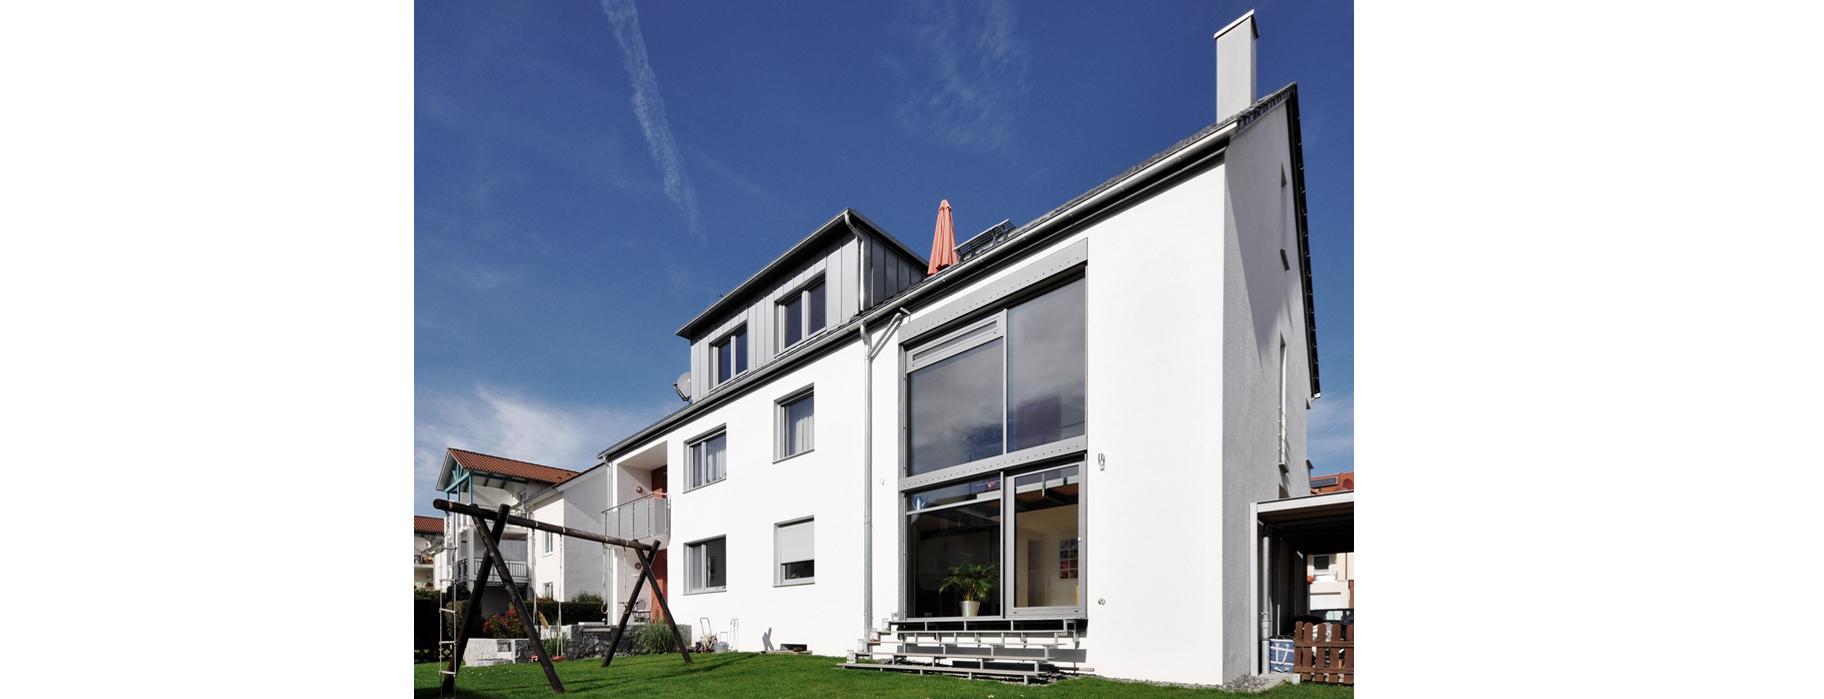 Architekturbüro Sindelfingen umbau erweiterung und sanierung kfw effizienzhaus sindelfingen ae